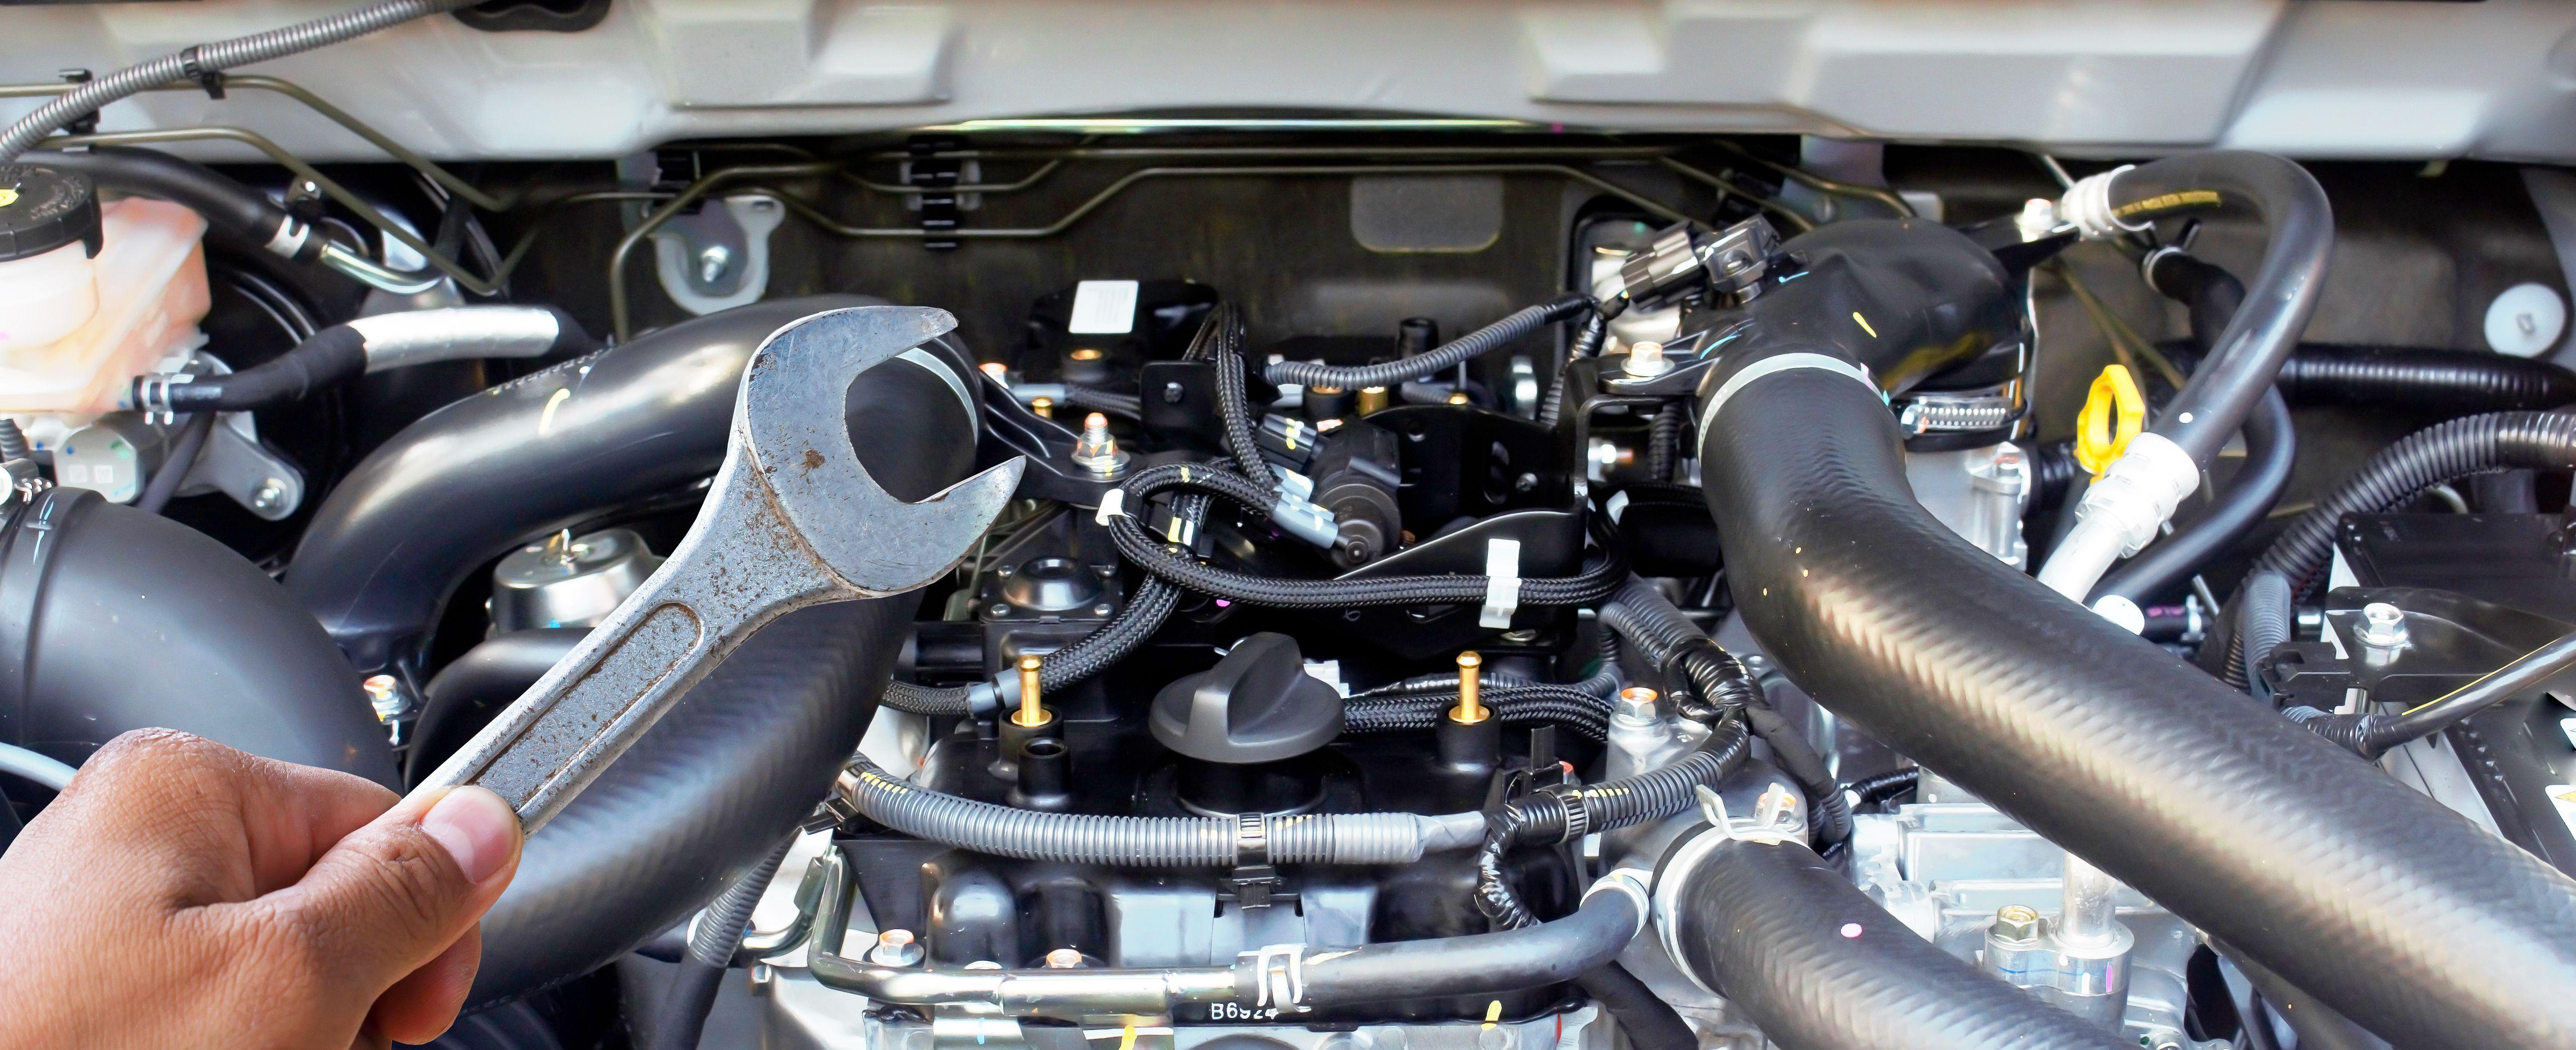 Reparación de vehículos: Servicios de Gurutzeta Motor